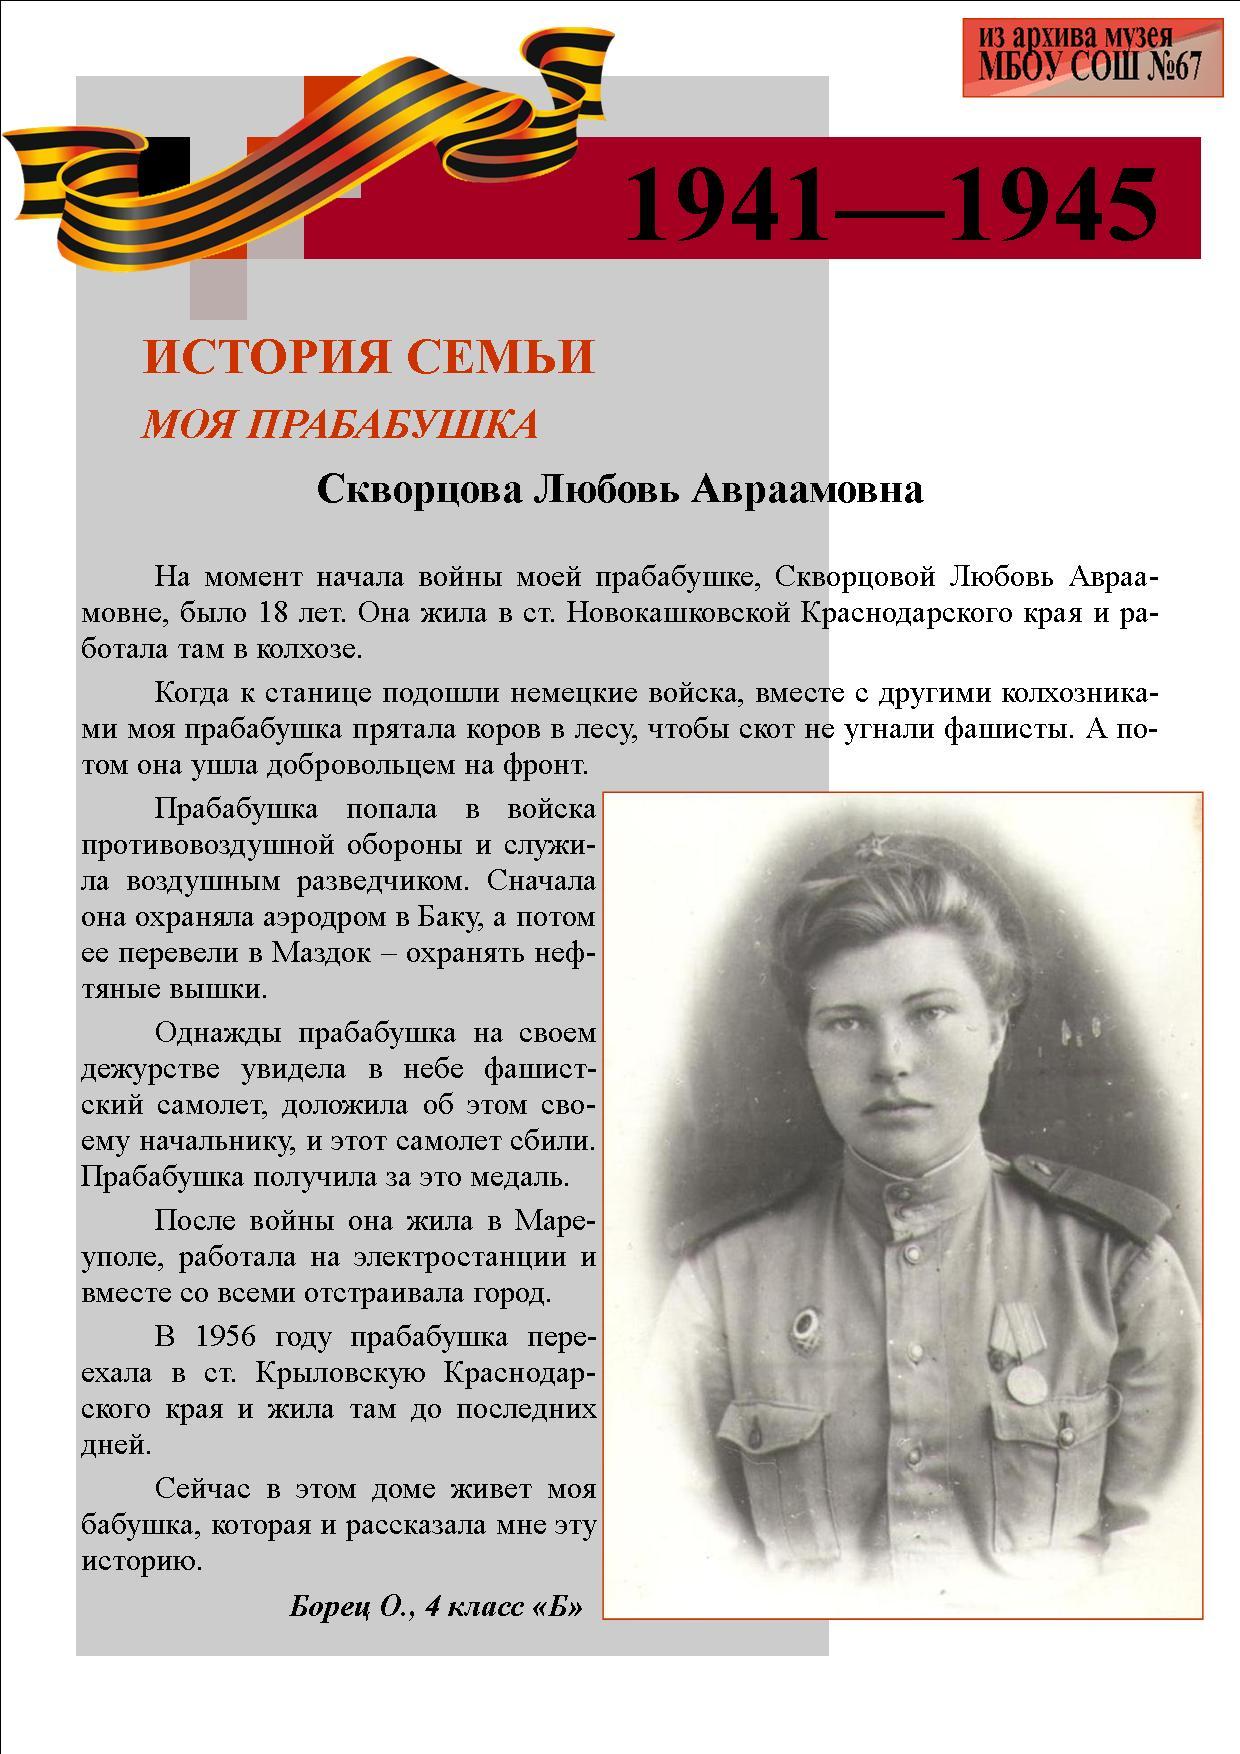 Скворцова Л.А.